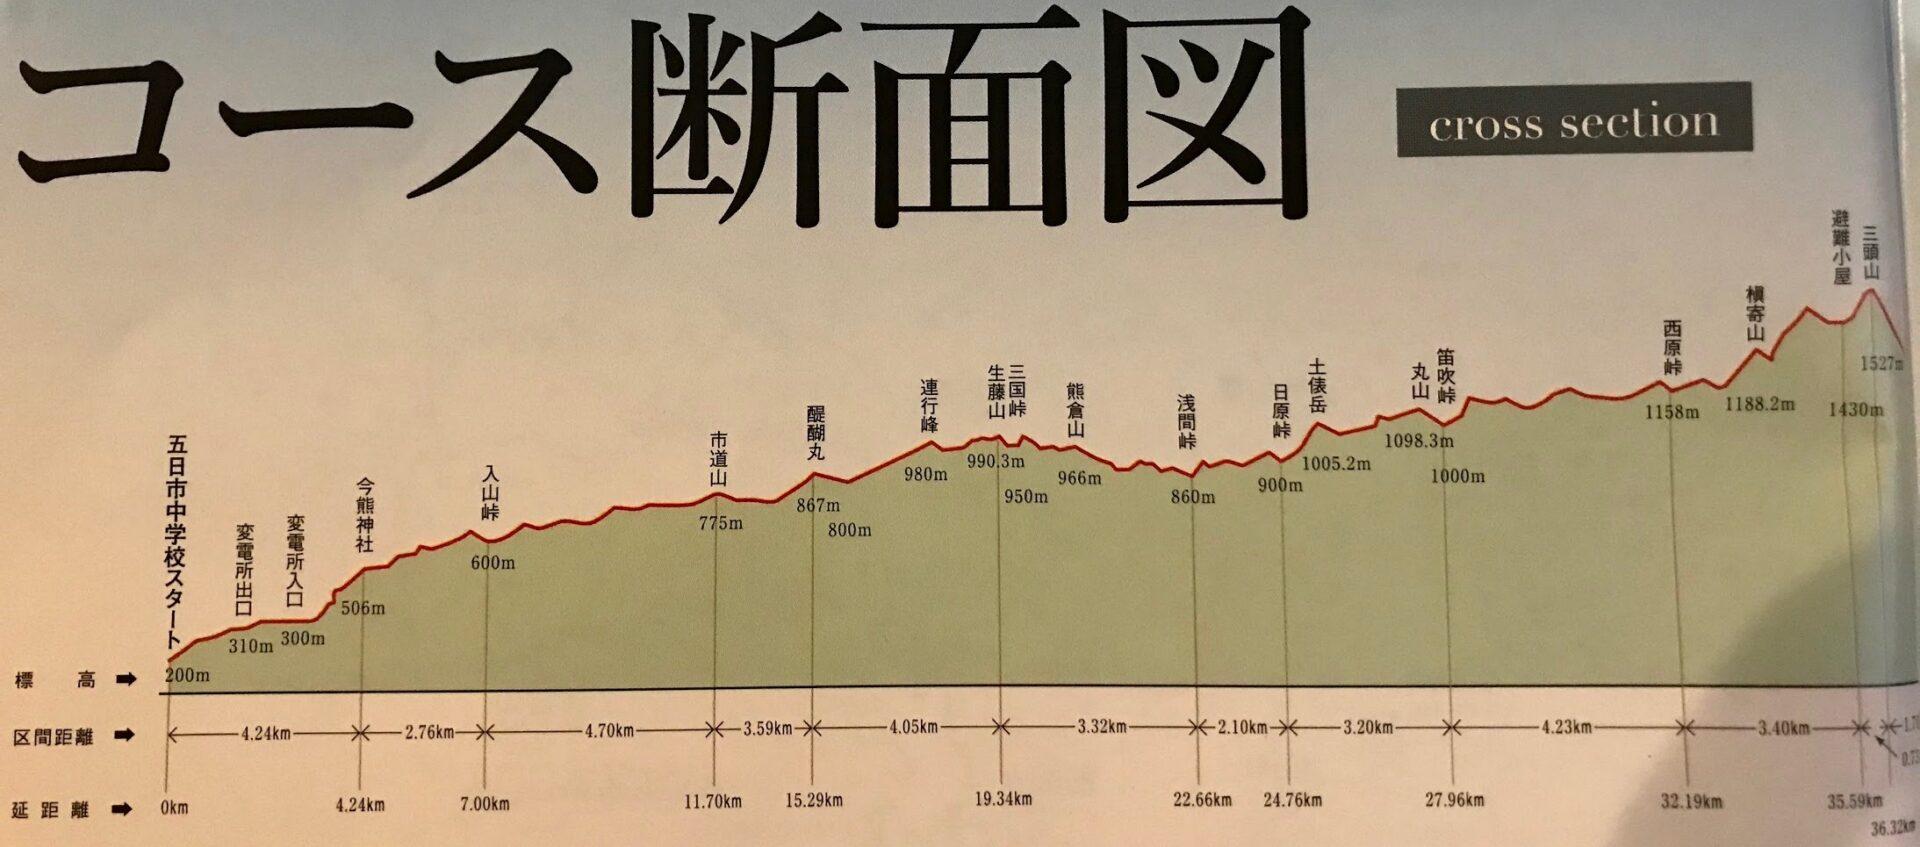 ハセツネ(長谷川恒男)CUP コース断面図